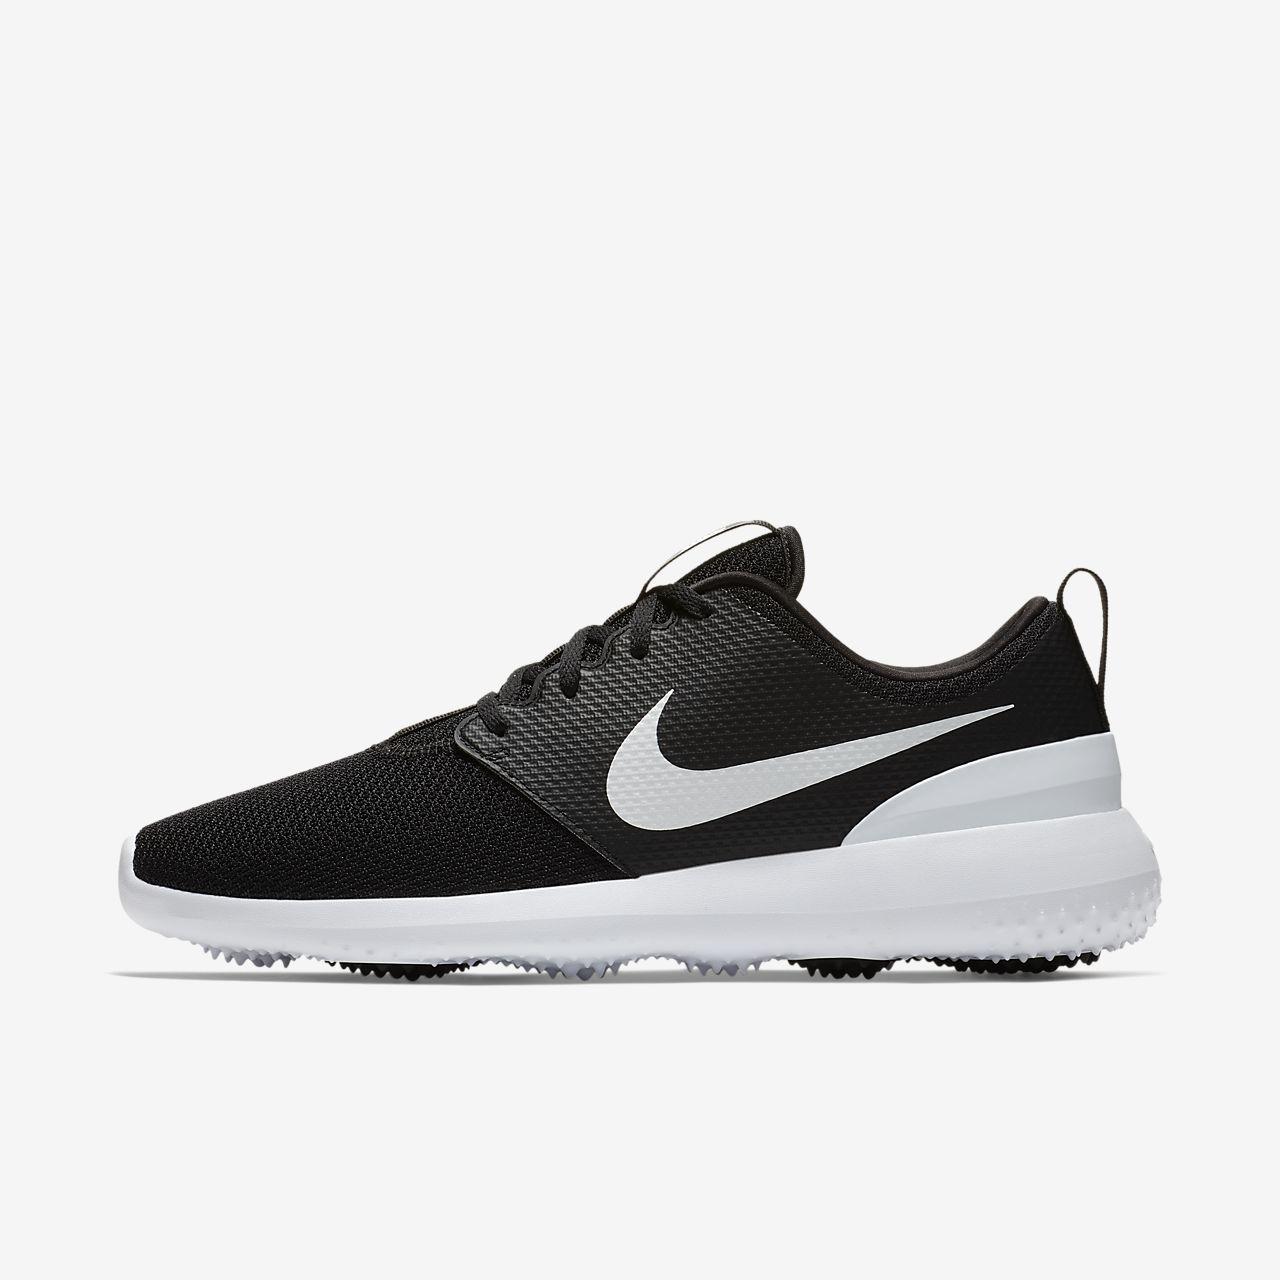 nouveau concept ca6a5 5bcc0 Chaussure de golf Nike Roshe G pour Homme